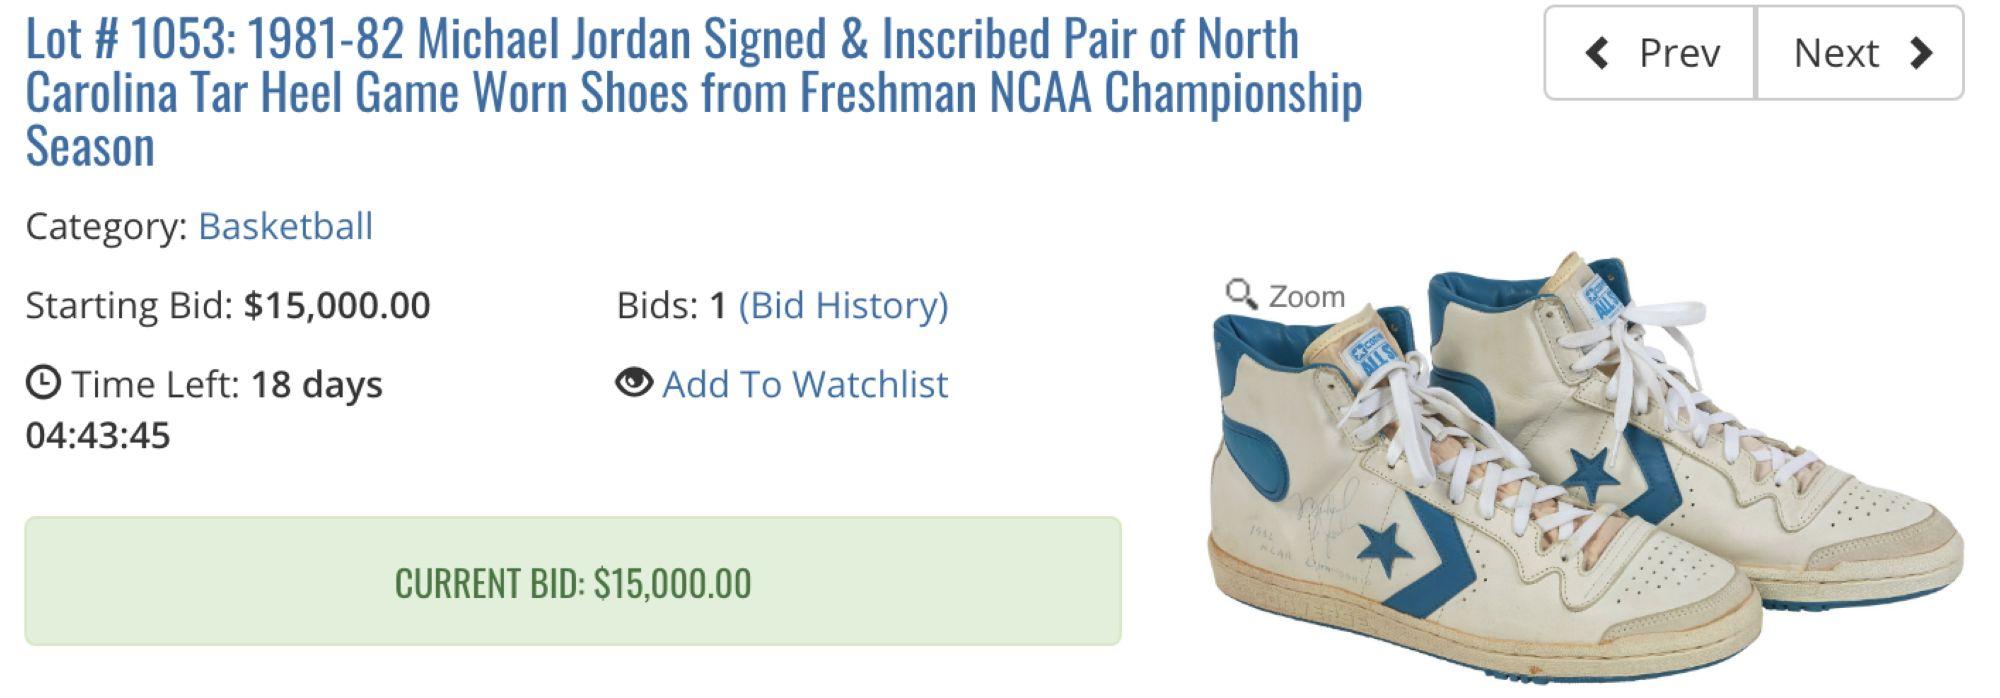 08-Michael-Jordan-College-Sneakers